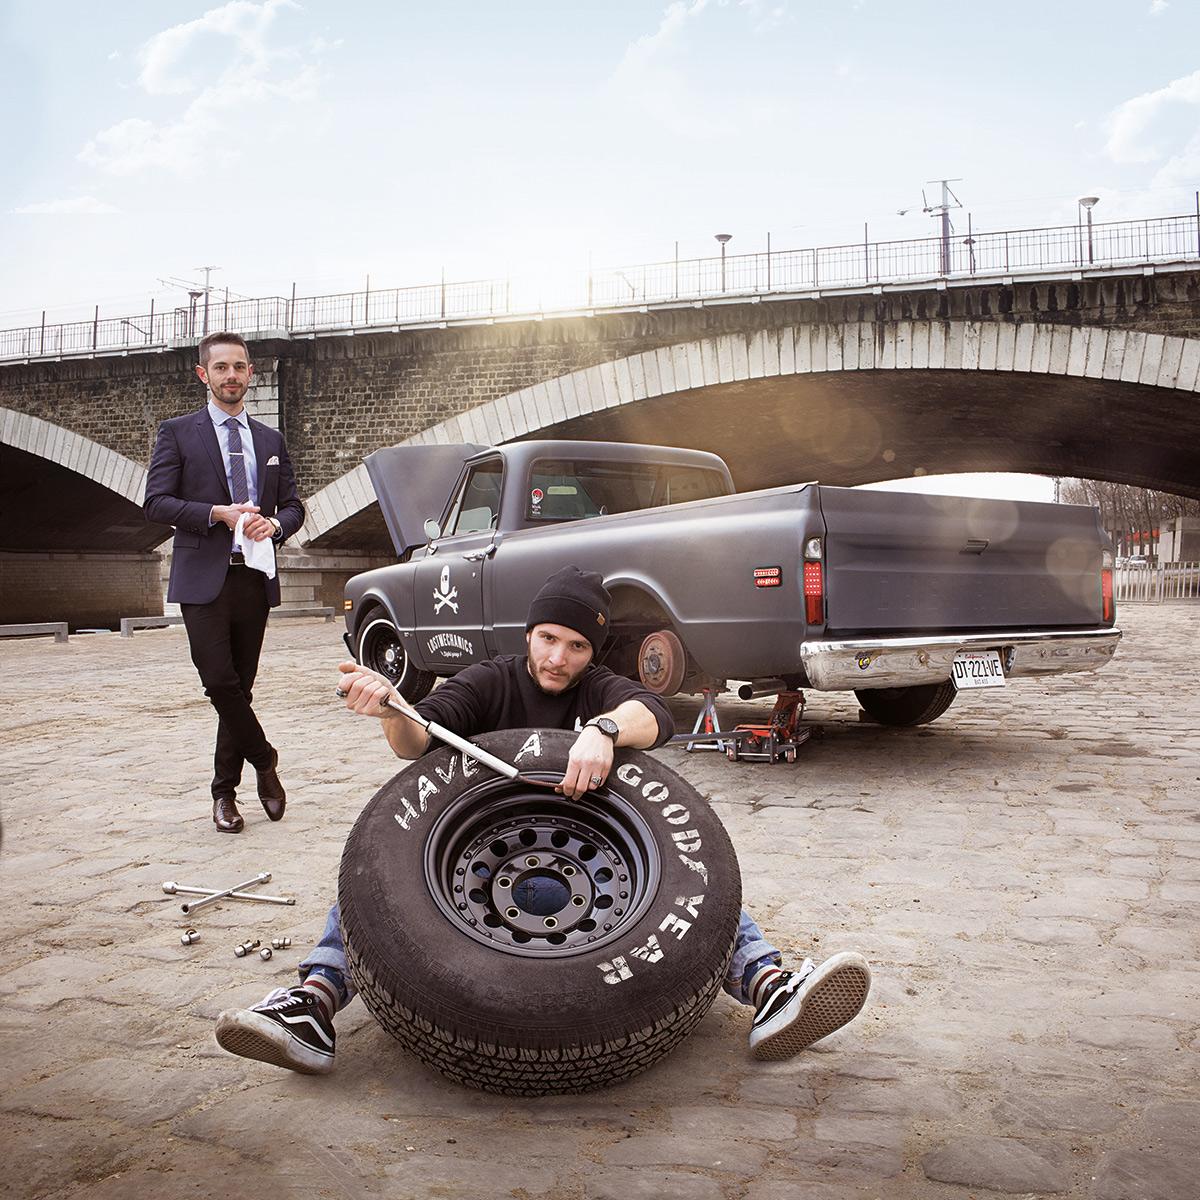 agence-lost-mechanics-paris-publicite-communication-goodyear-photo-dingo-cars-2017